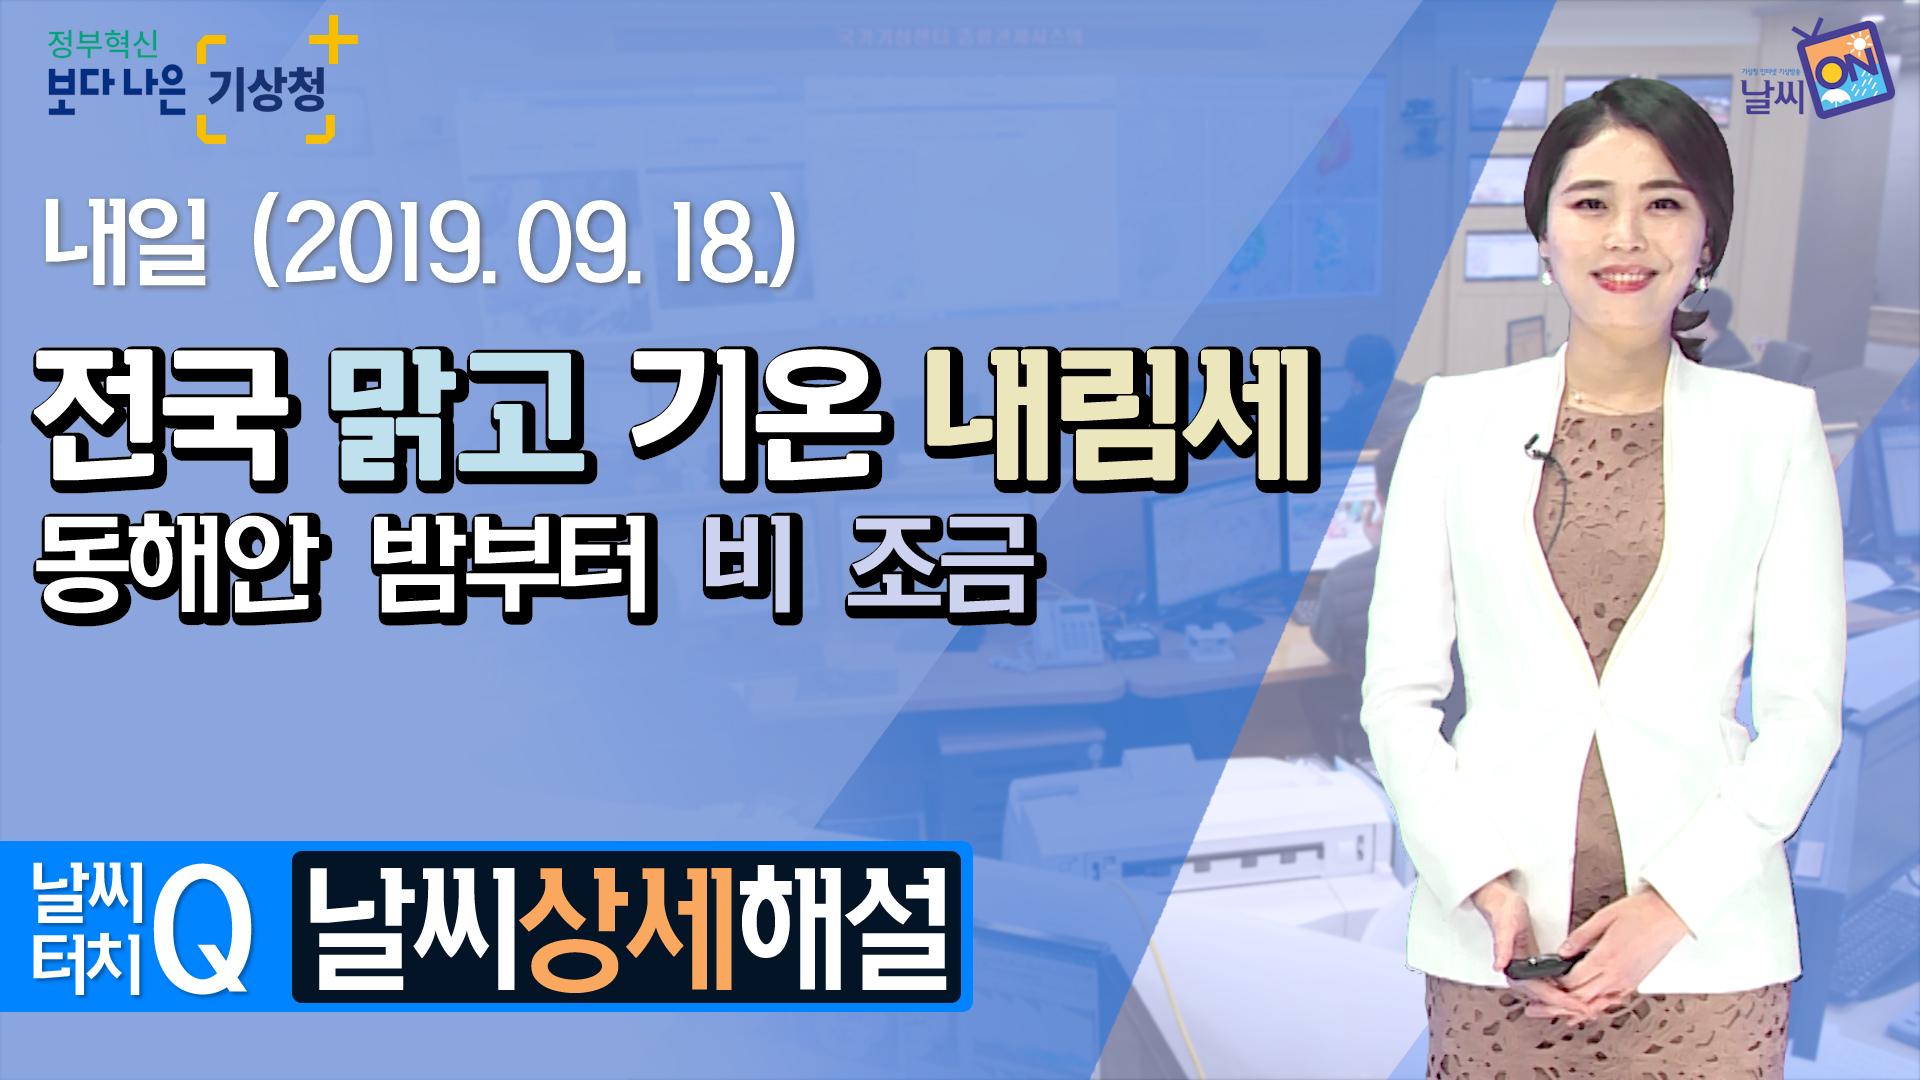 [19시] 9월 18일(수) 기온 내림세, 전국 맑고, 큰 일교차, 동해안 밤부터 비 조금